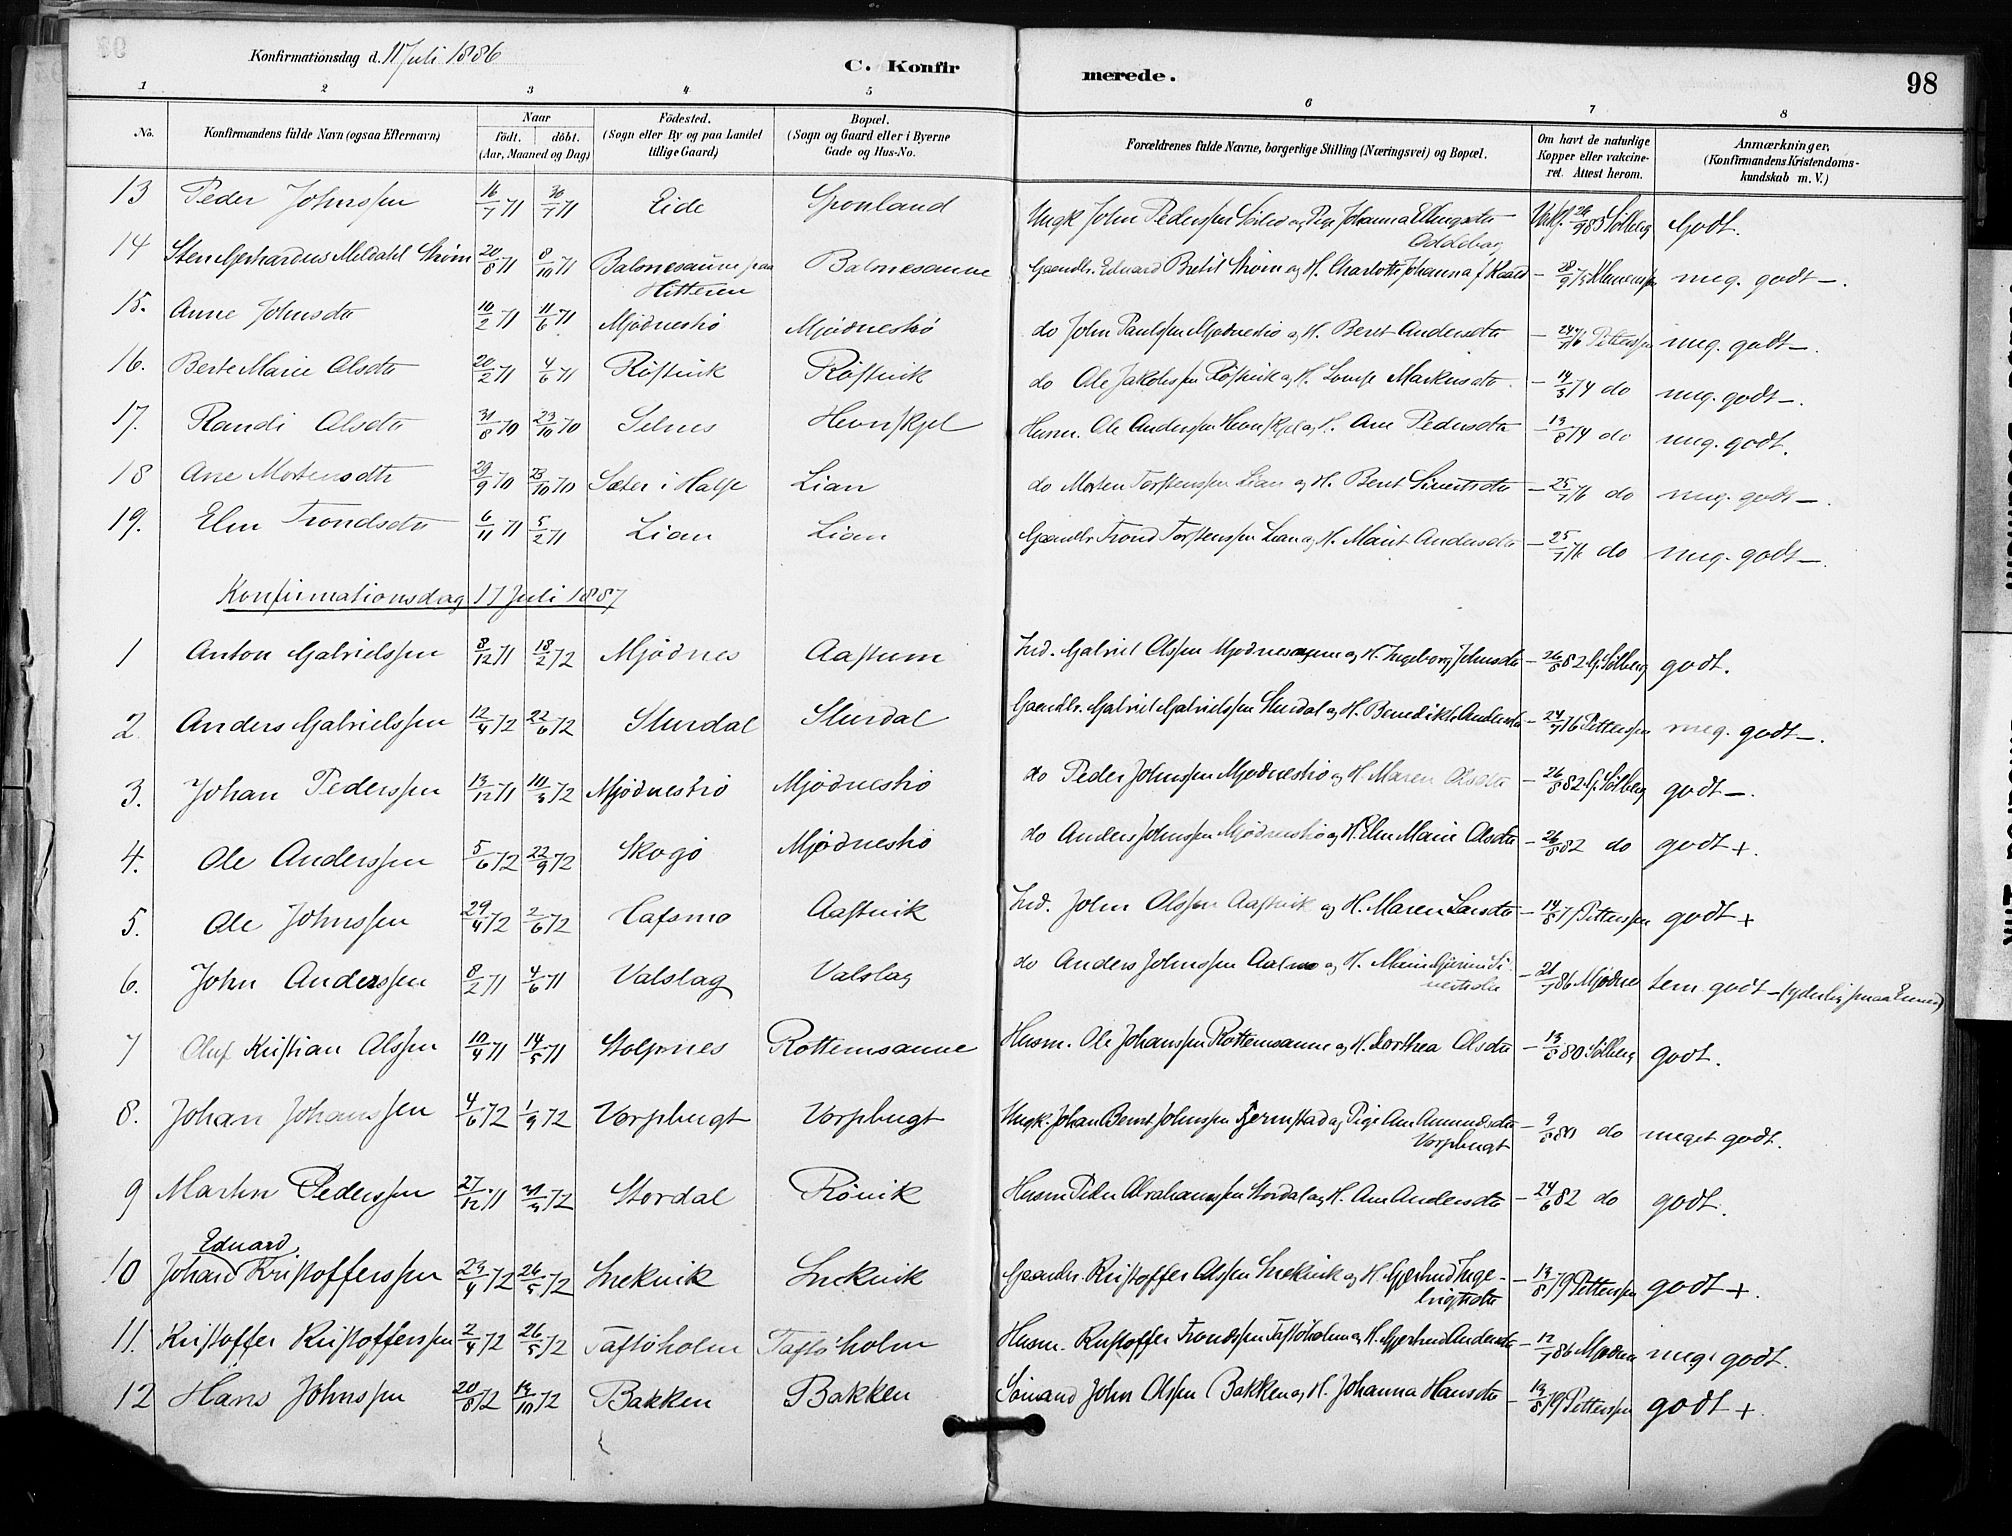 SAT, Ministerialprotokoller, klokkerbøker og fødselsregistre - Sør-Trøndelag, 633/L0518: Ministerialbok nr. 633A01, 1884-1906, s. 98